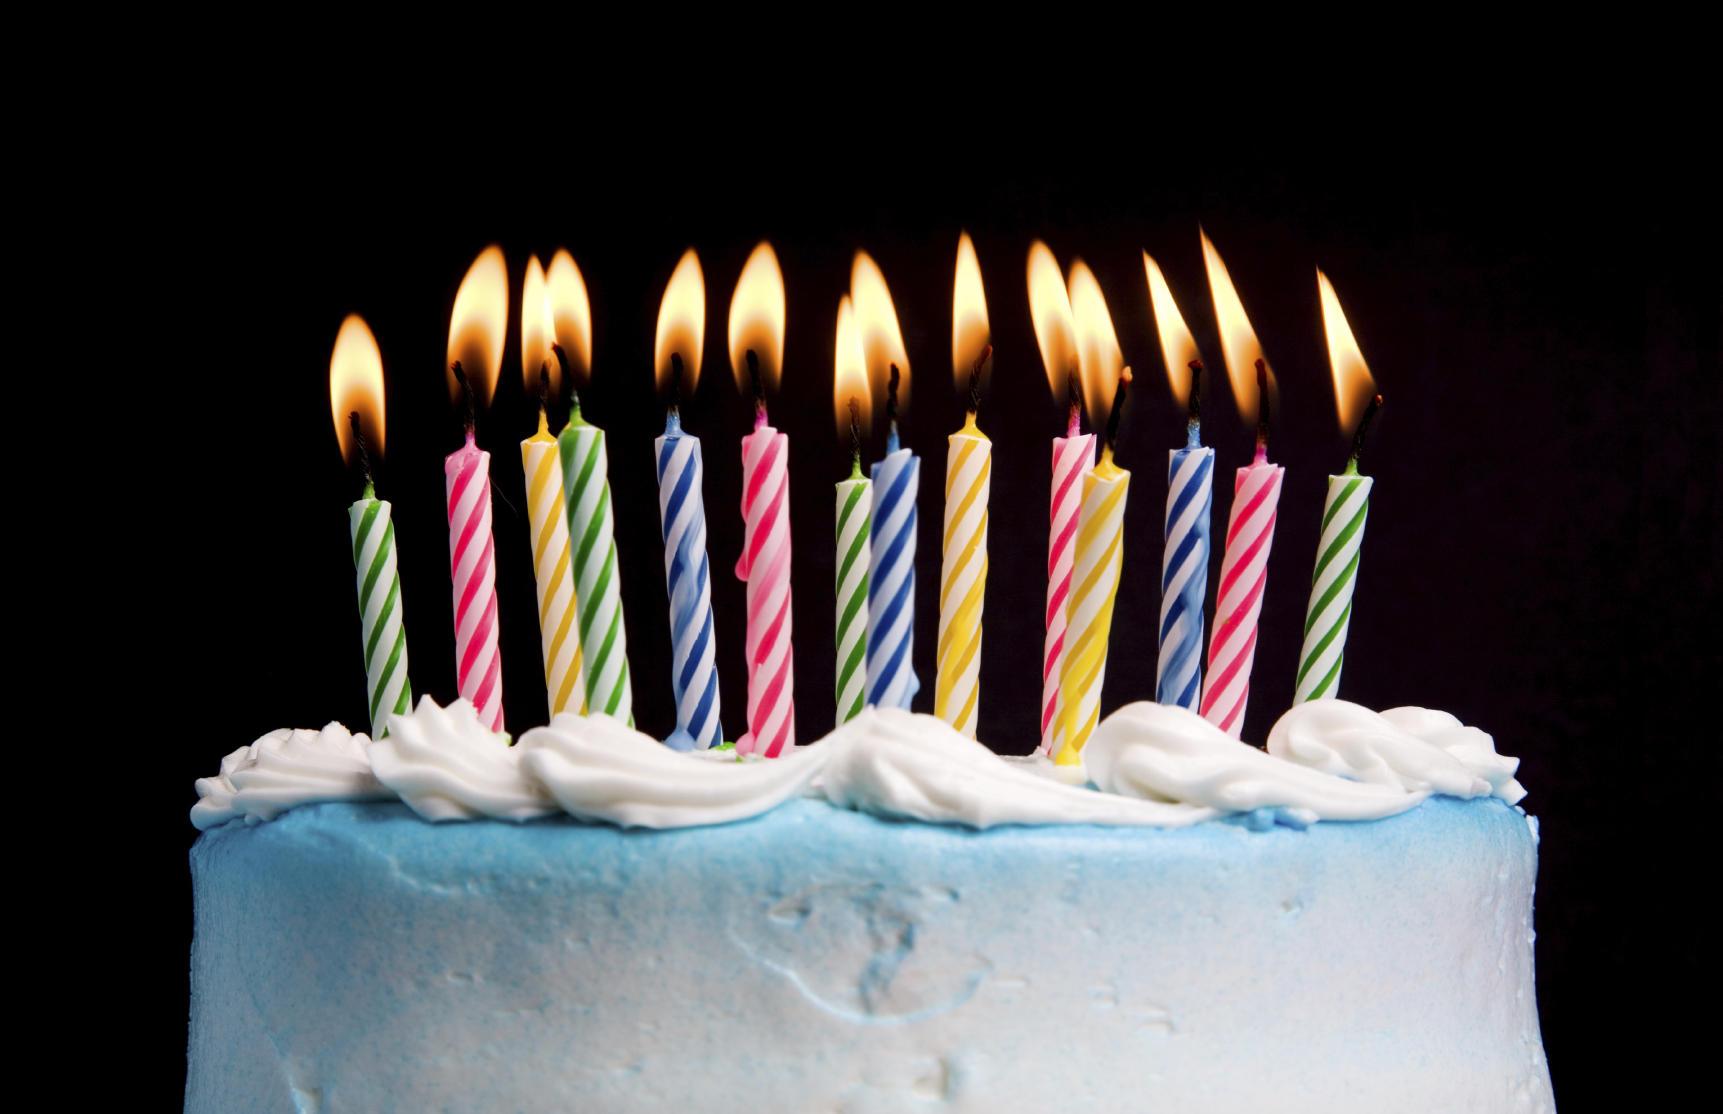 10 Sweet Birthday Cakes